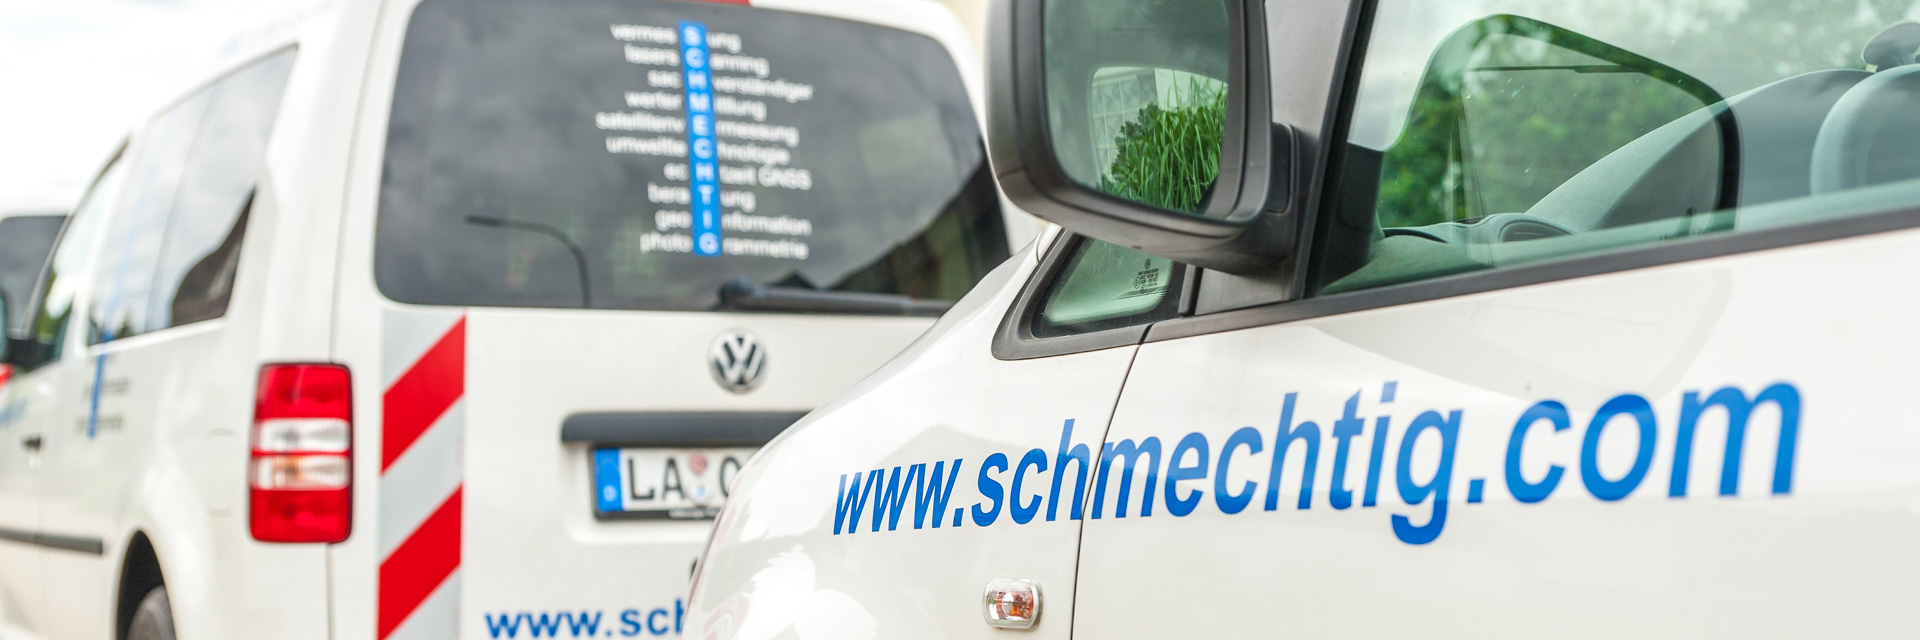 Ingenieurbüro Schmechtig - Ergolsbach -Startseiten Slider